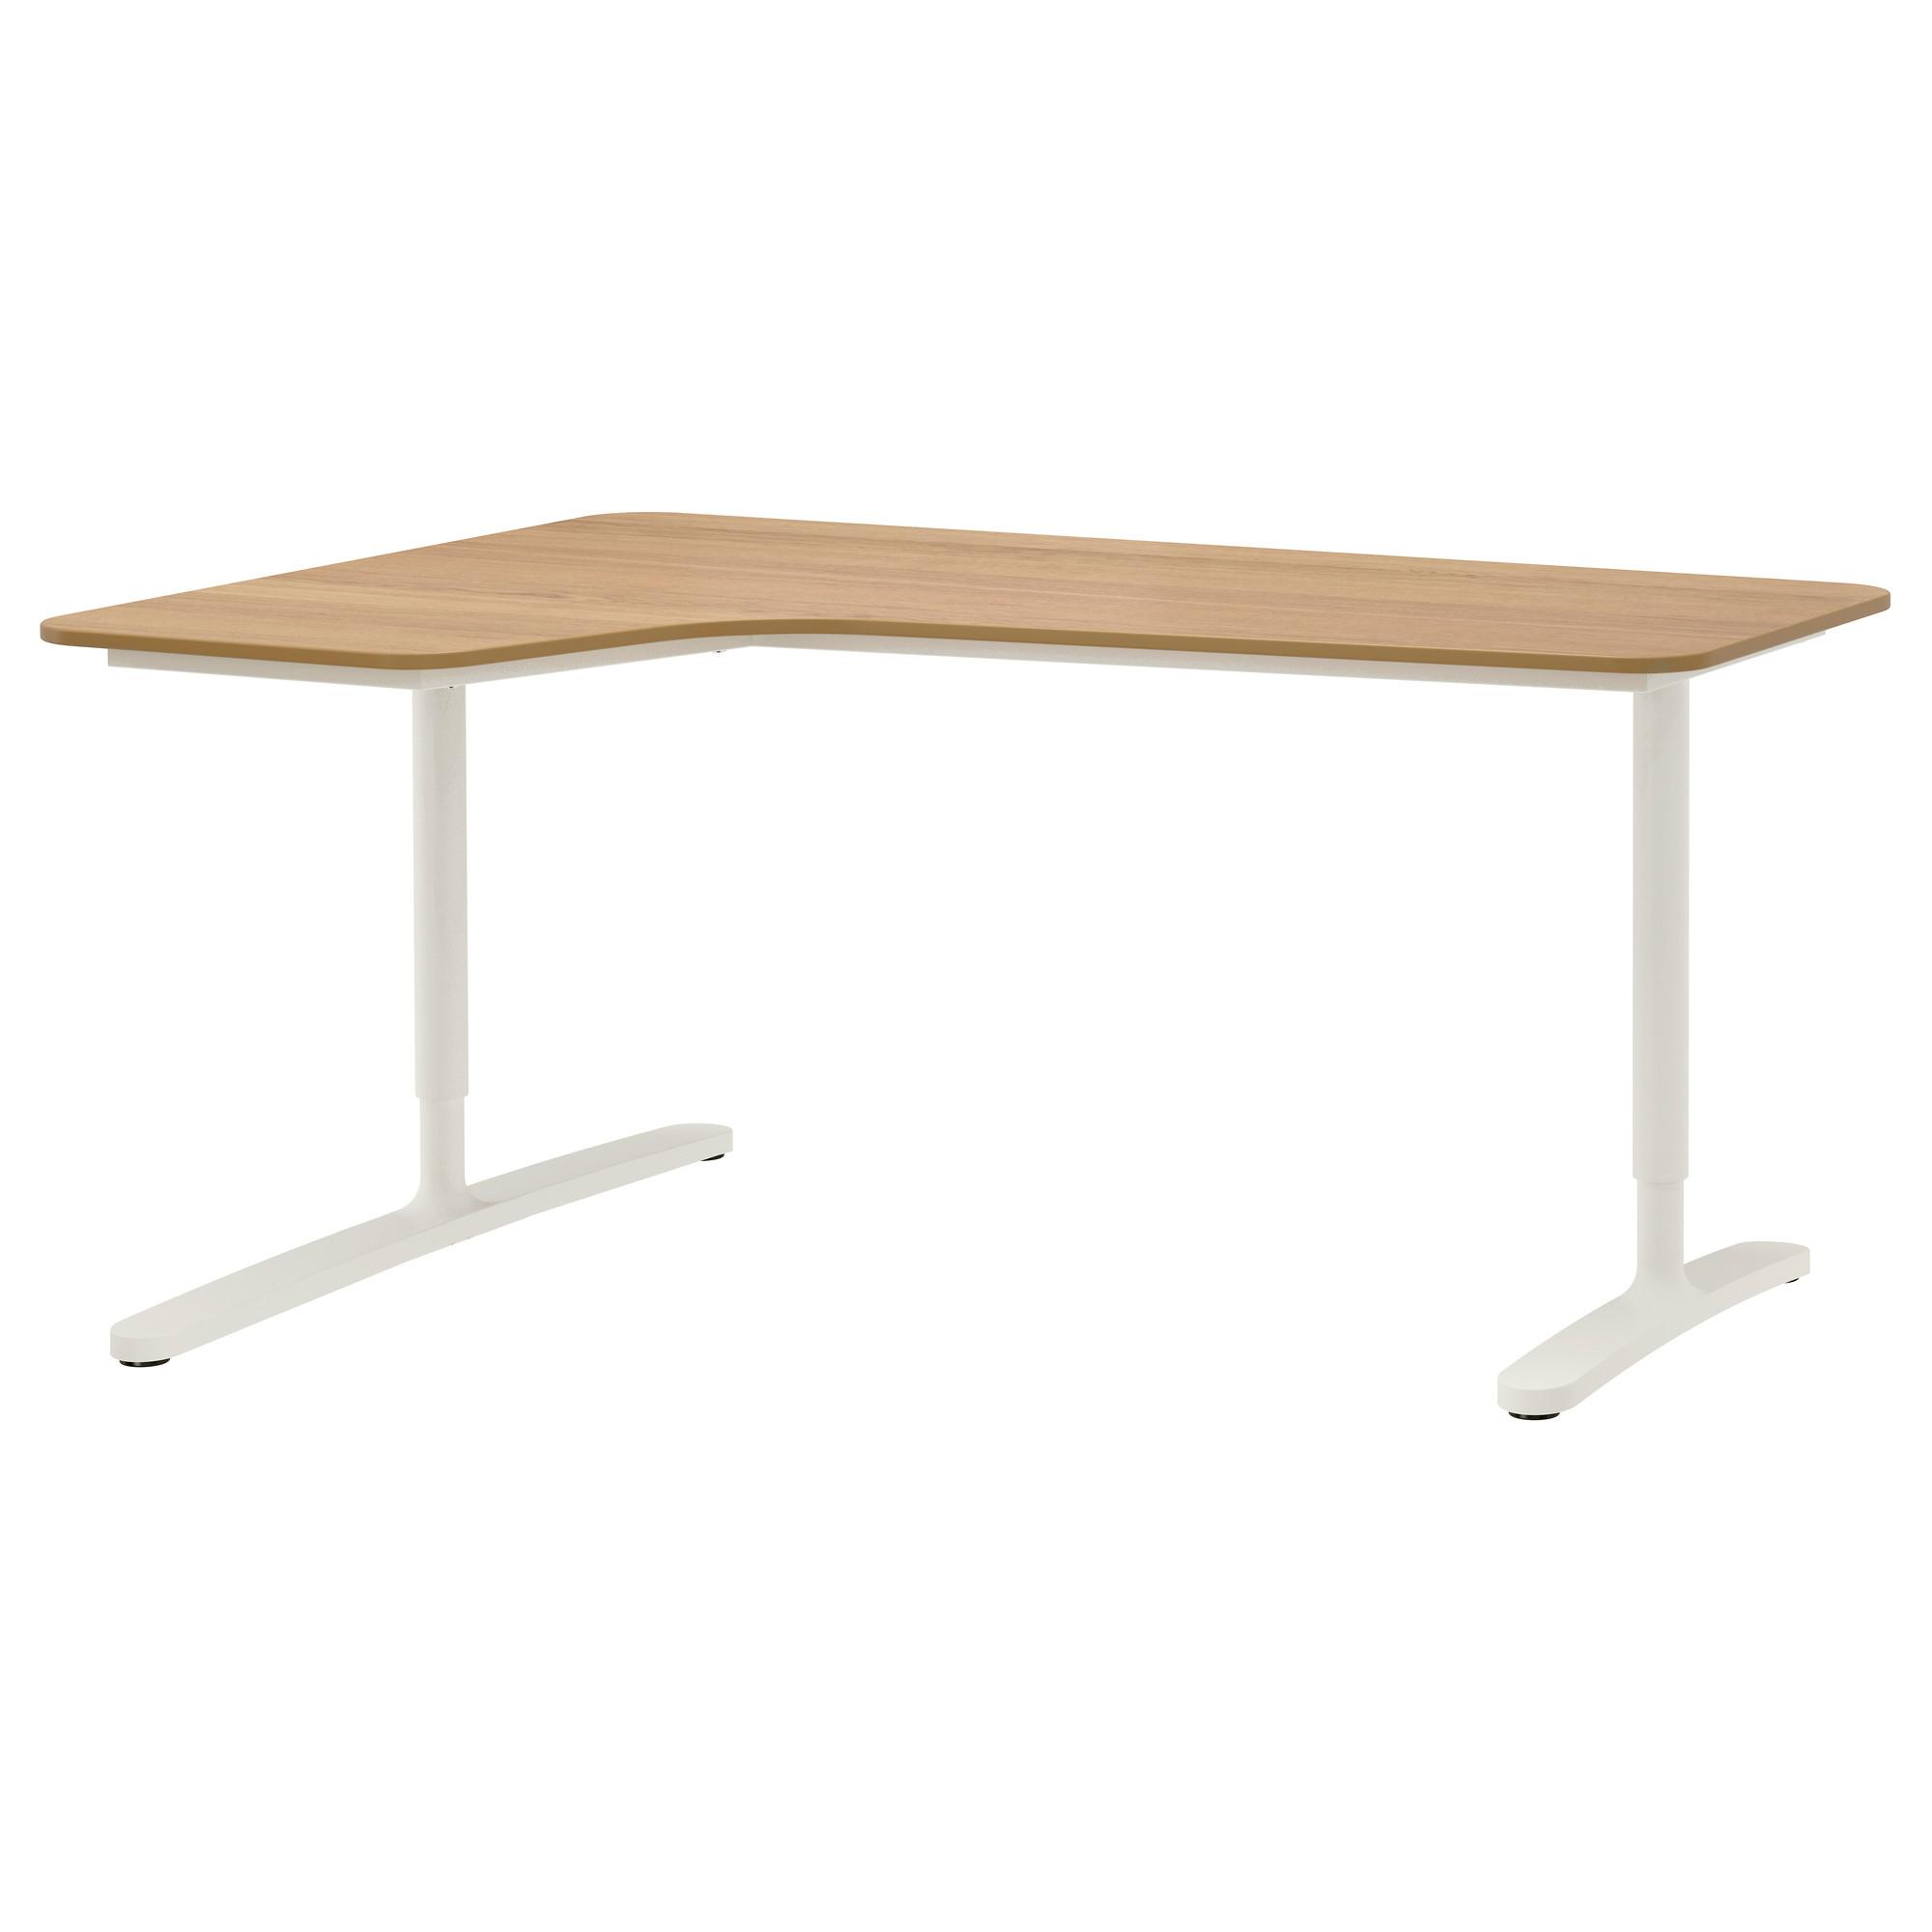 Угловой письменный стол левосторонний БЕКАНТ белый артикуль № 592.784.54 в наличии. Онлайн магазин IKEA Республика Беларусь. Быстрая доставка и установка.